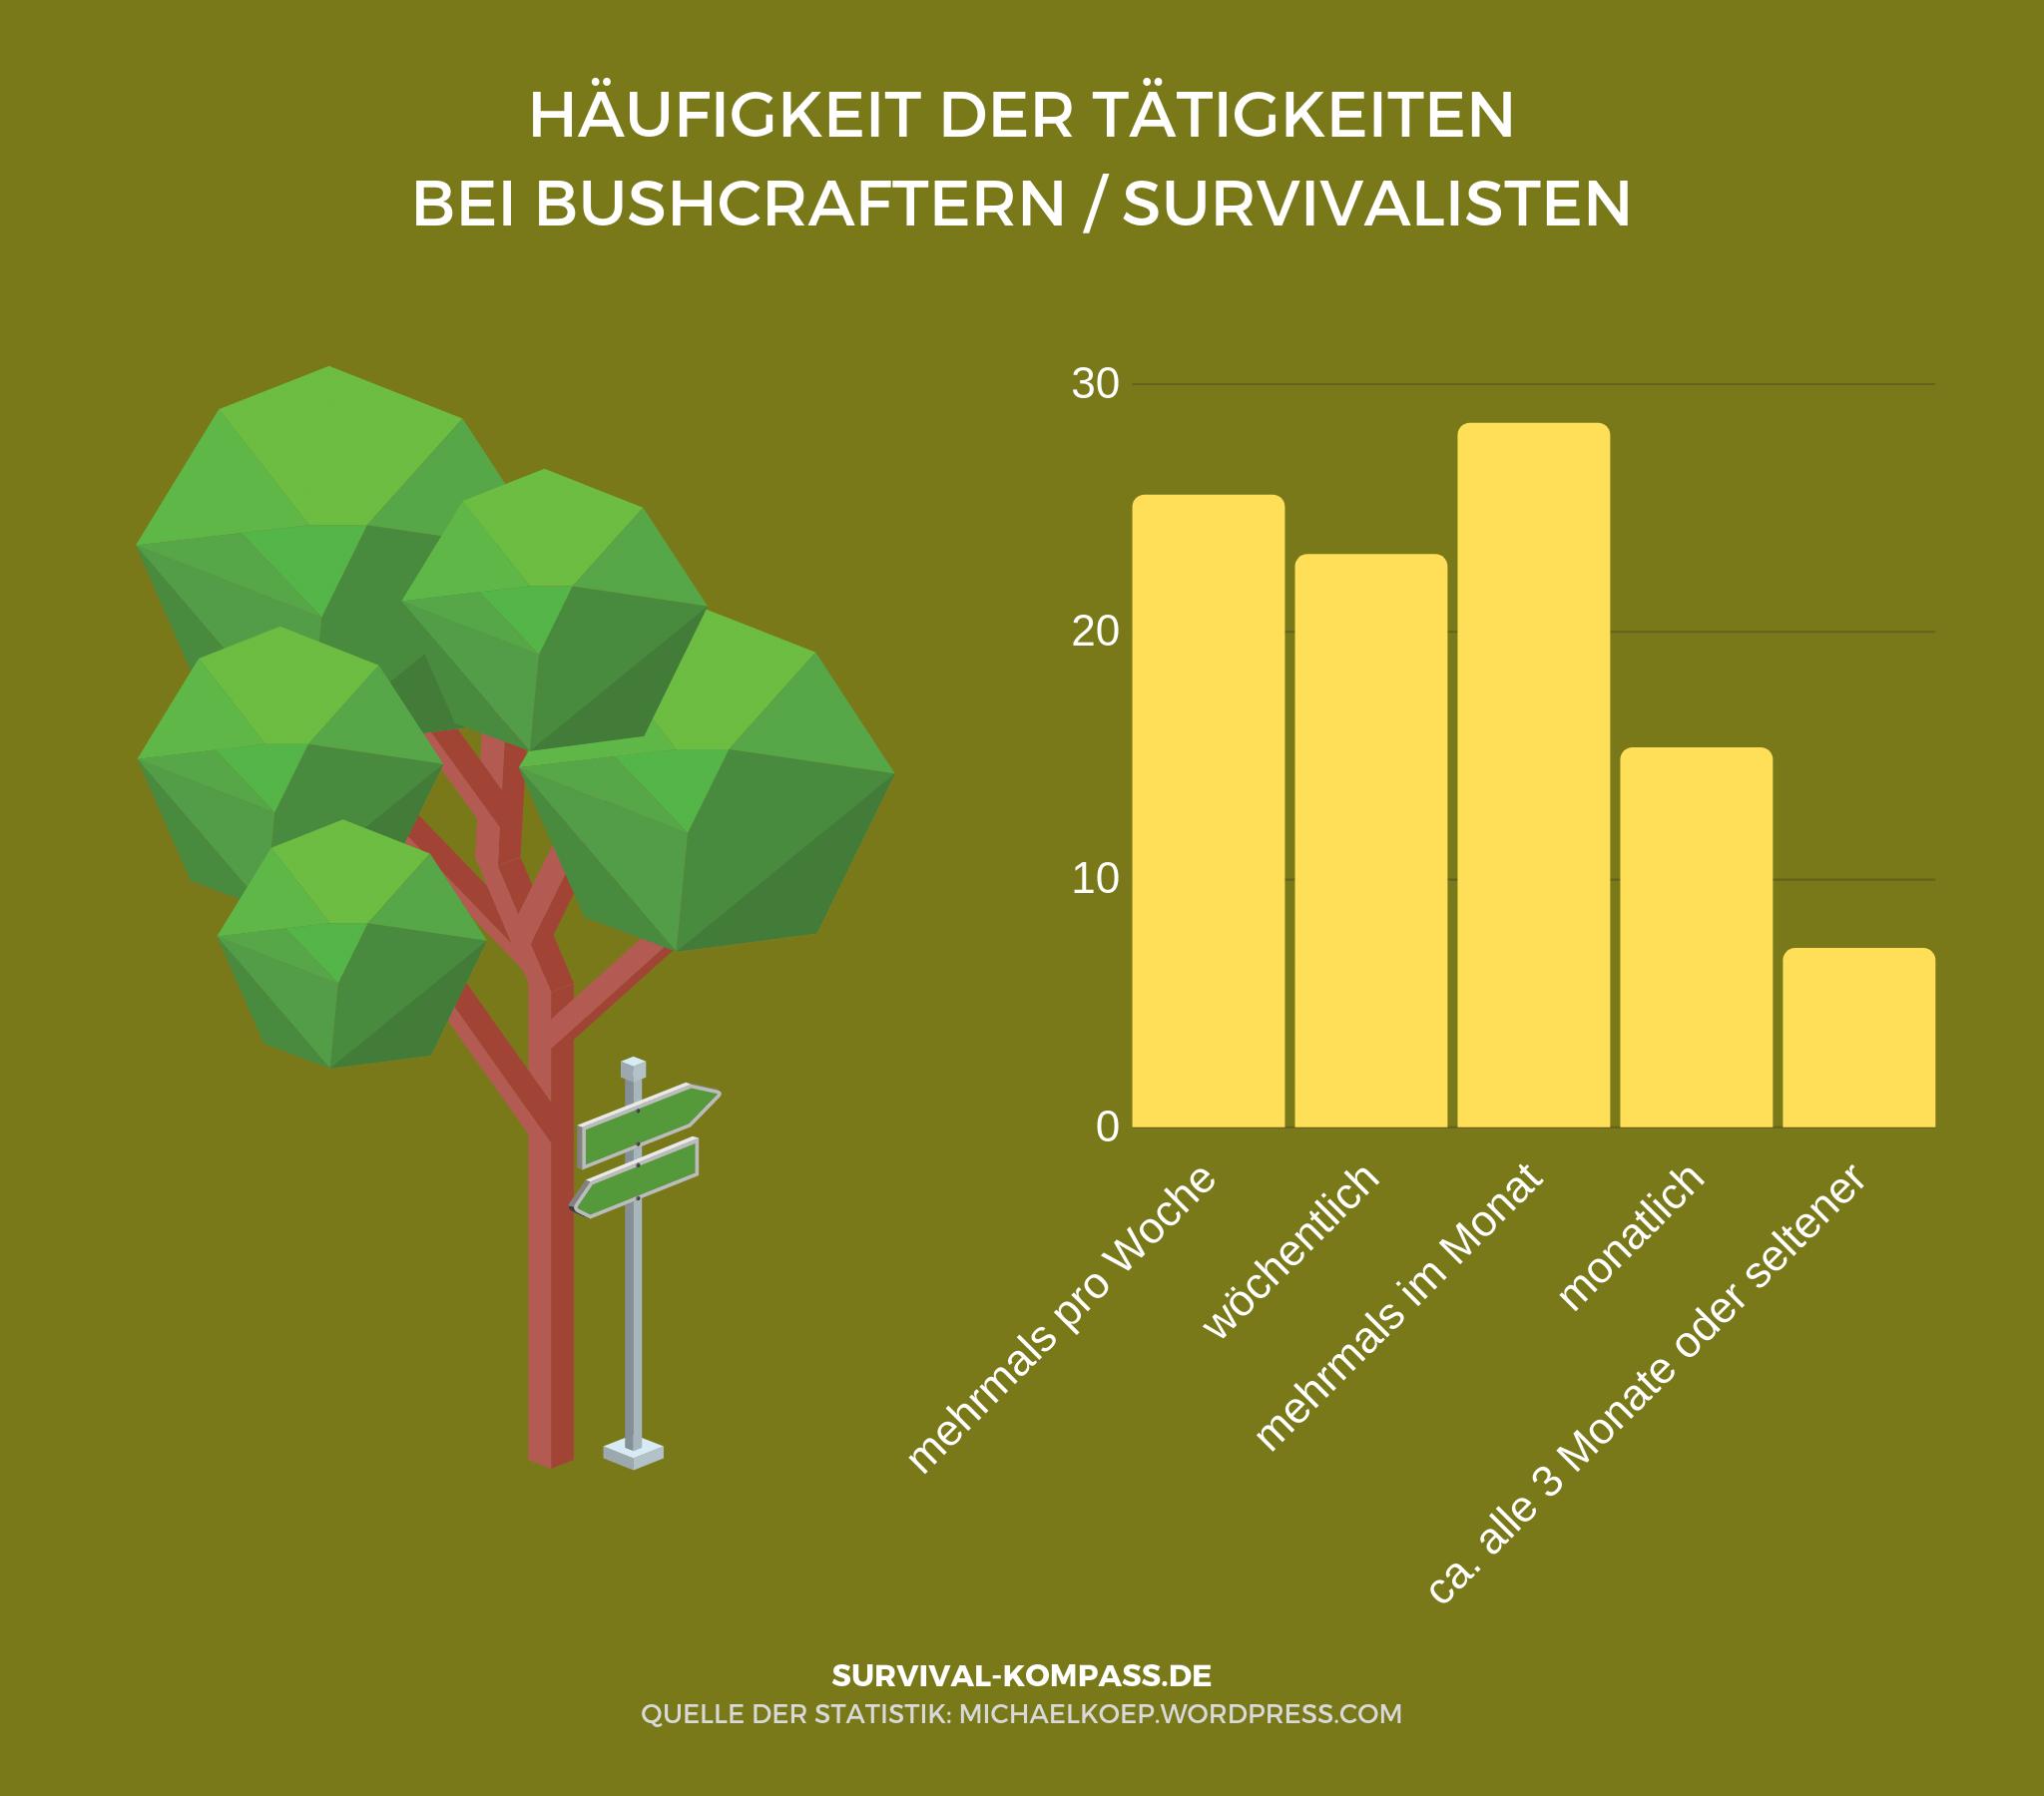 Mehr als 25 % der Bushcrafter und Survivalisten gehen mehrmals pro Woche ihren Aktivitäten nach